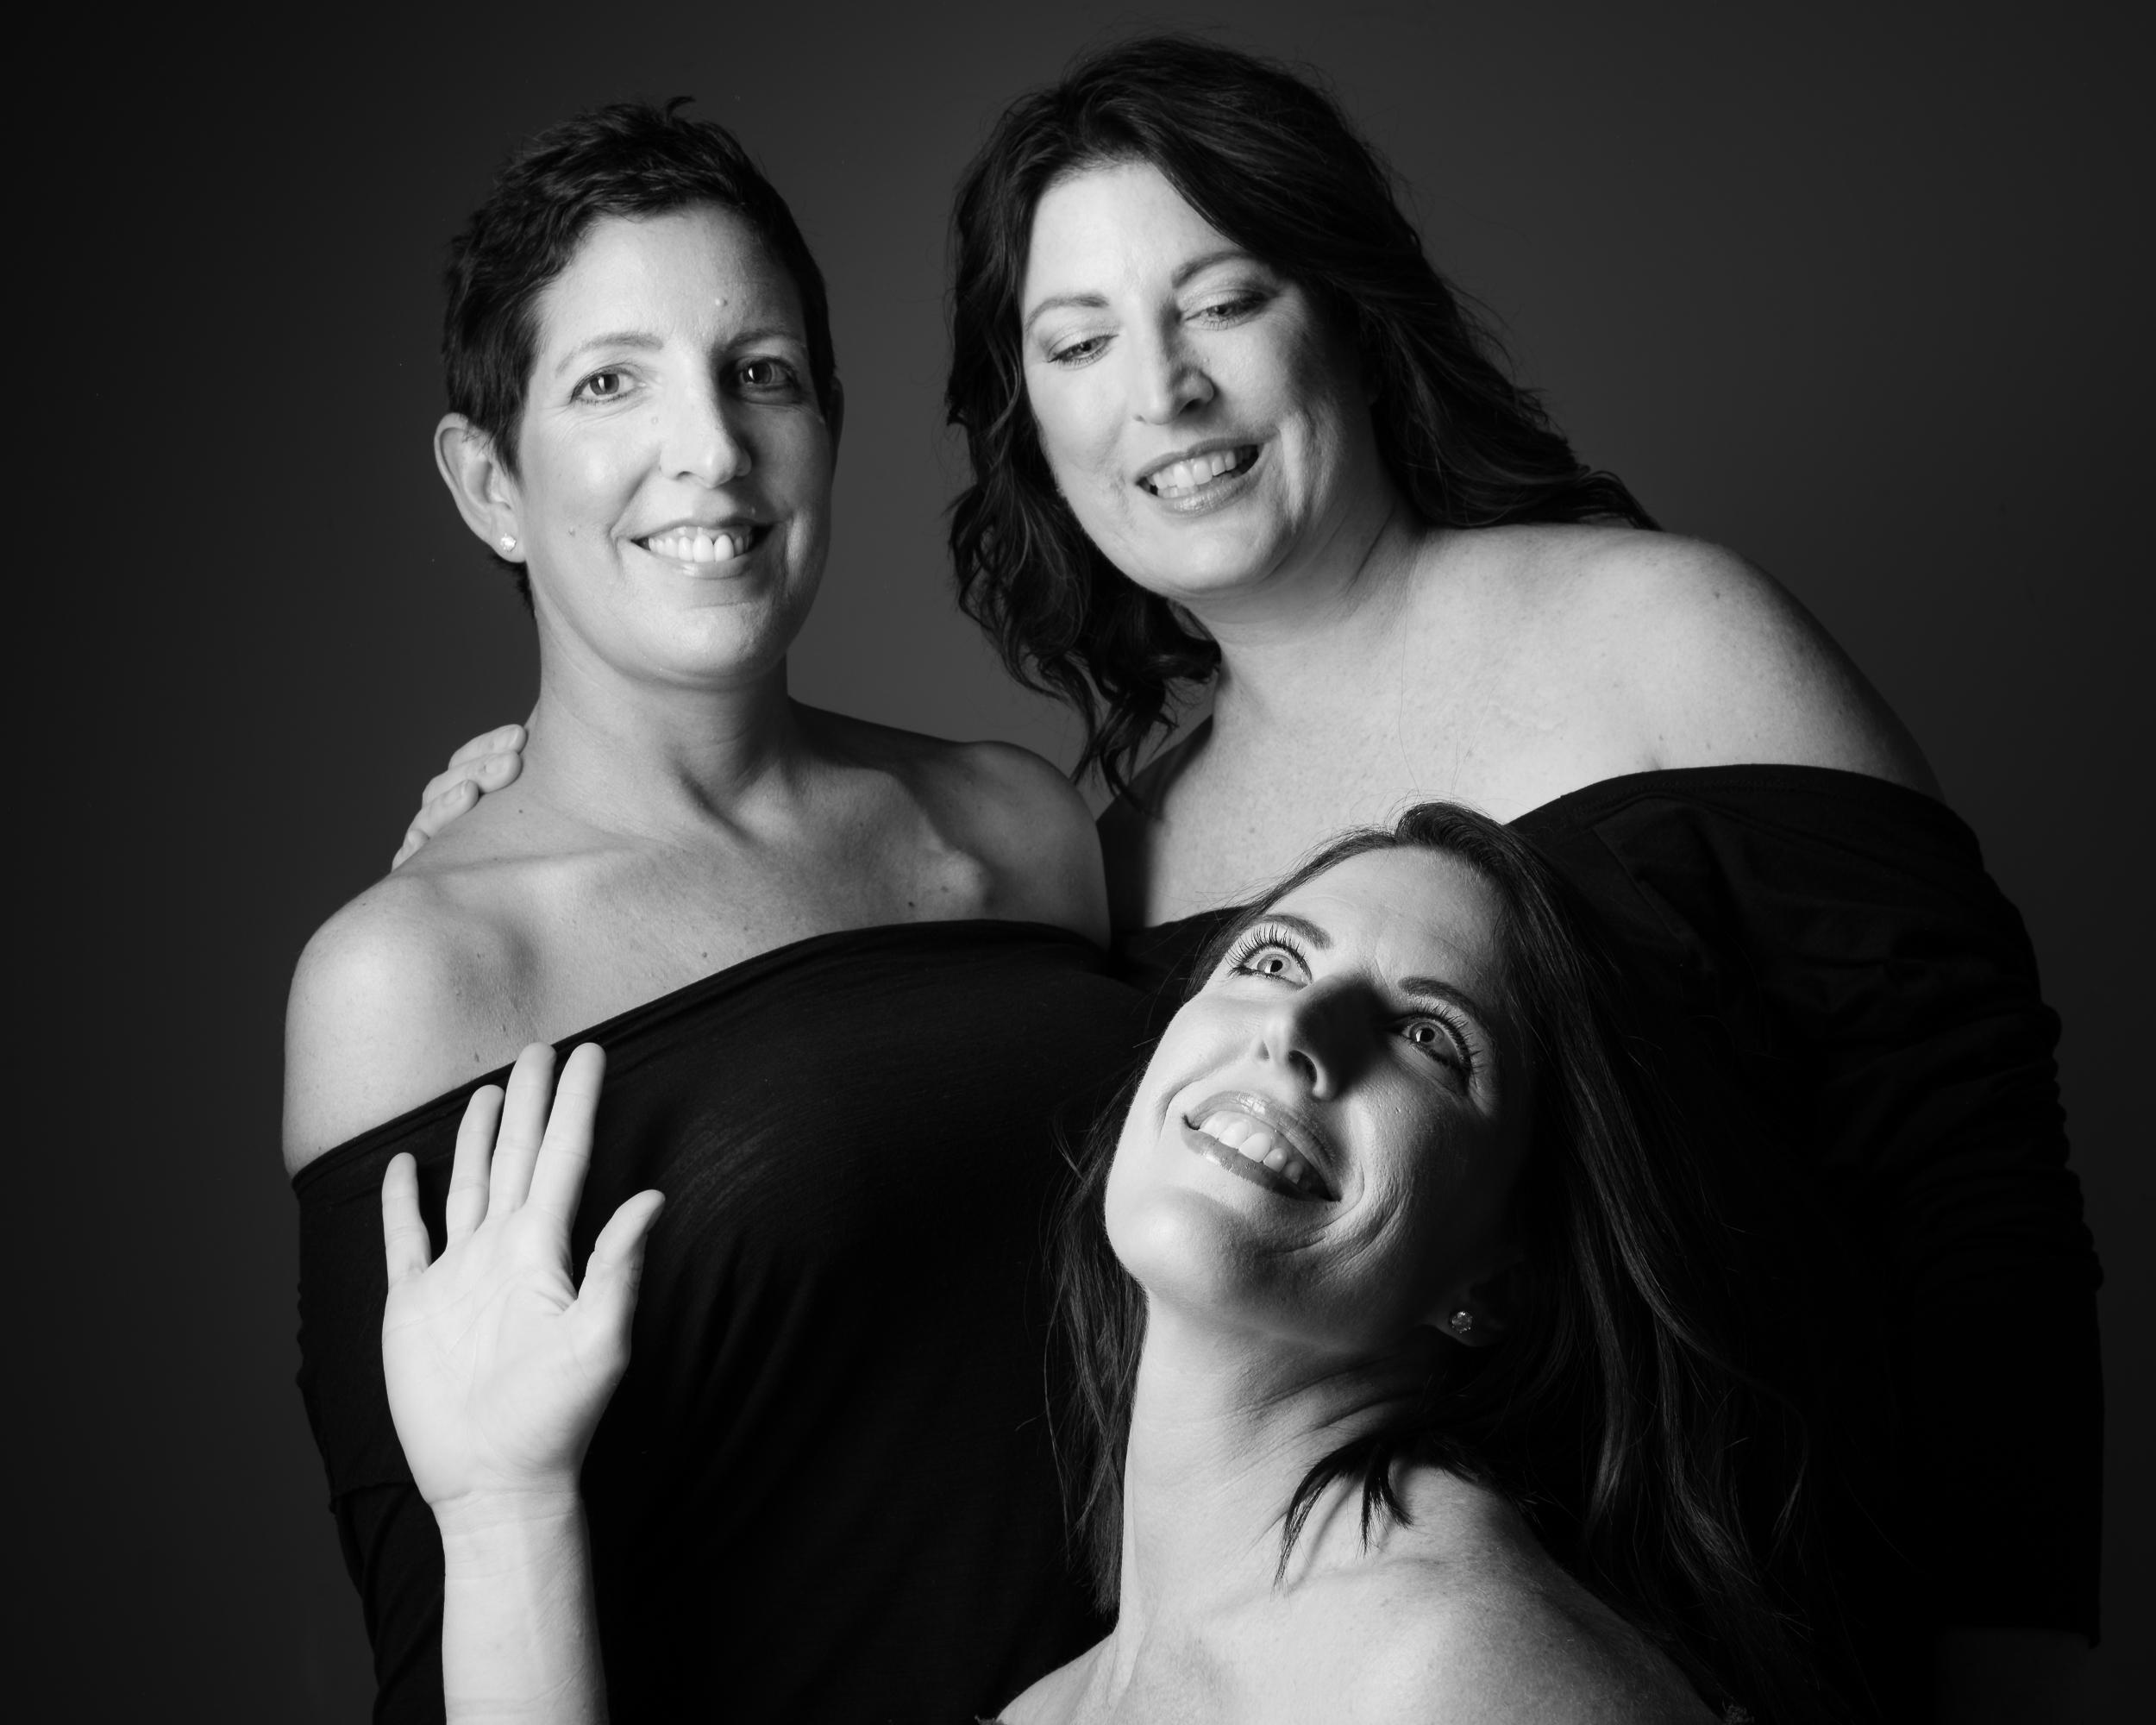 Katie-and-sisters-026.jpg